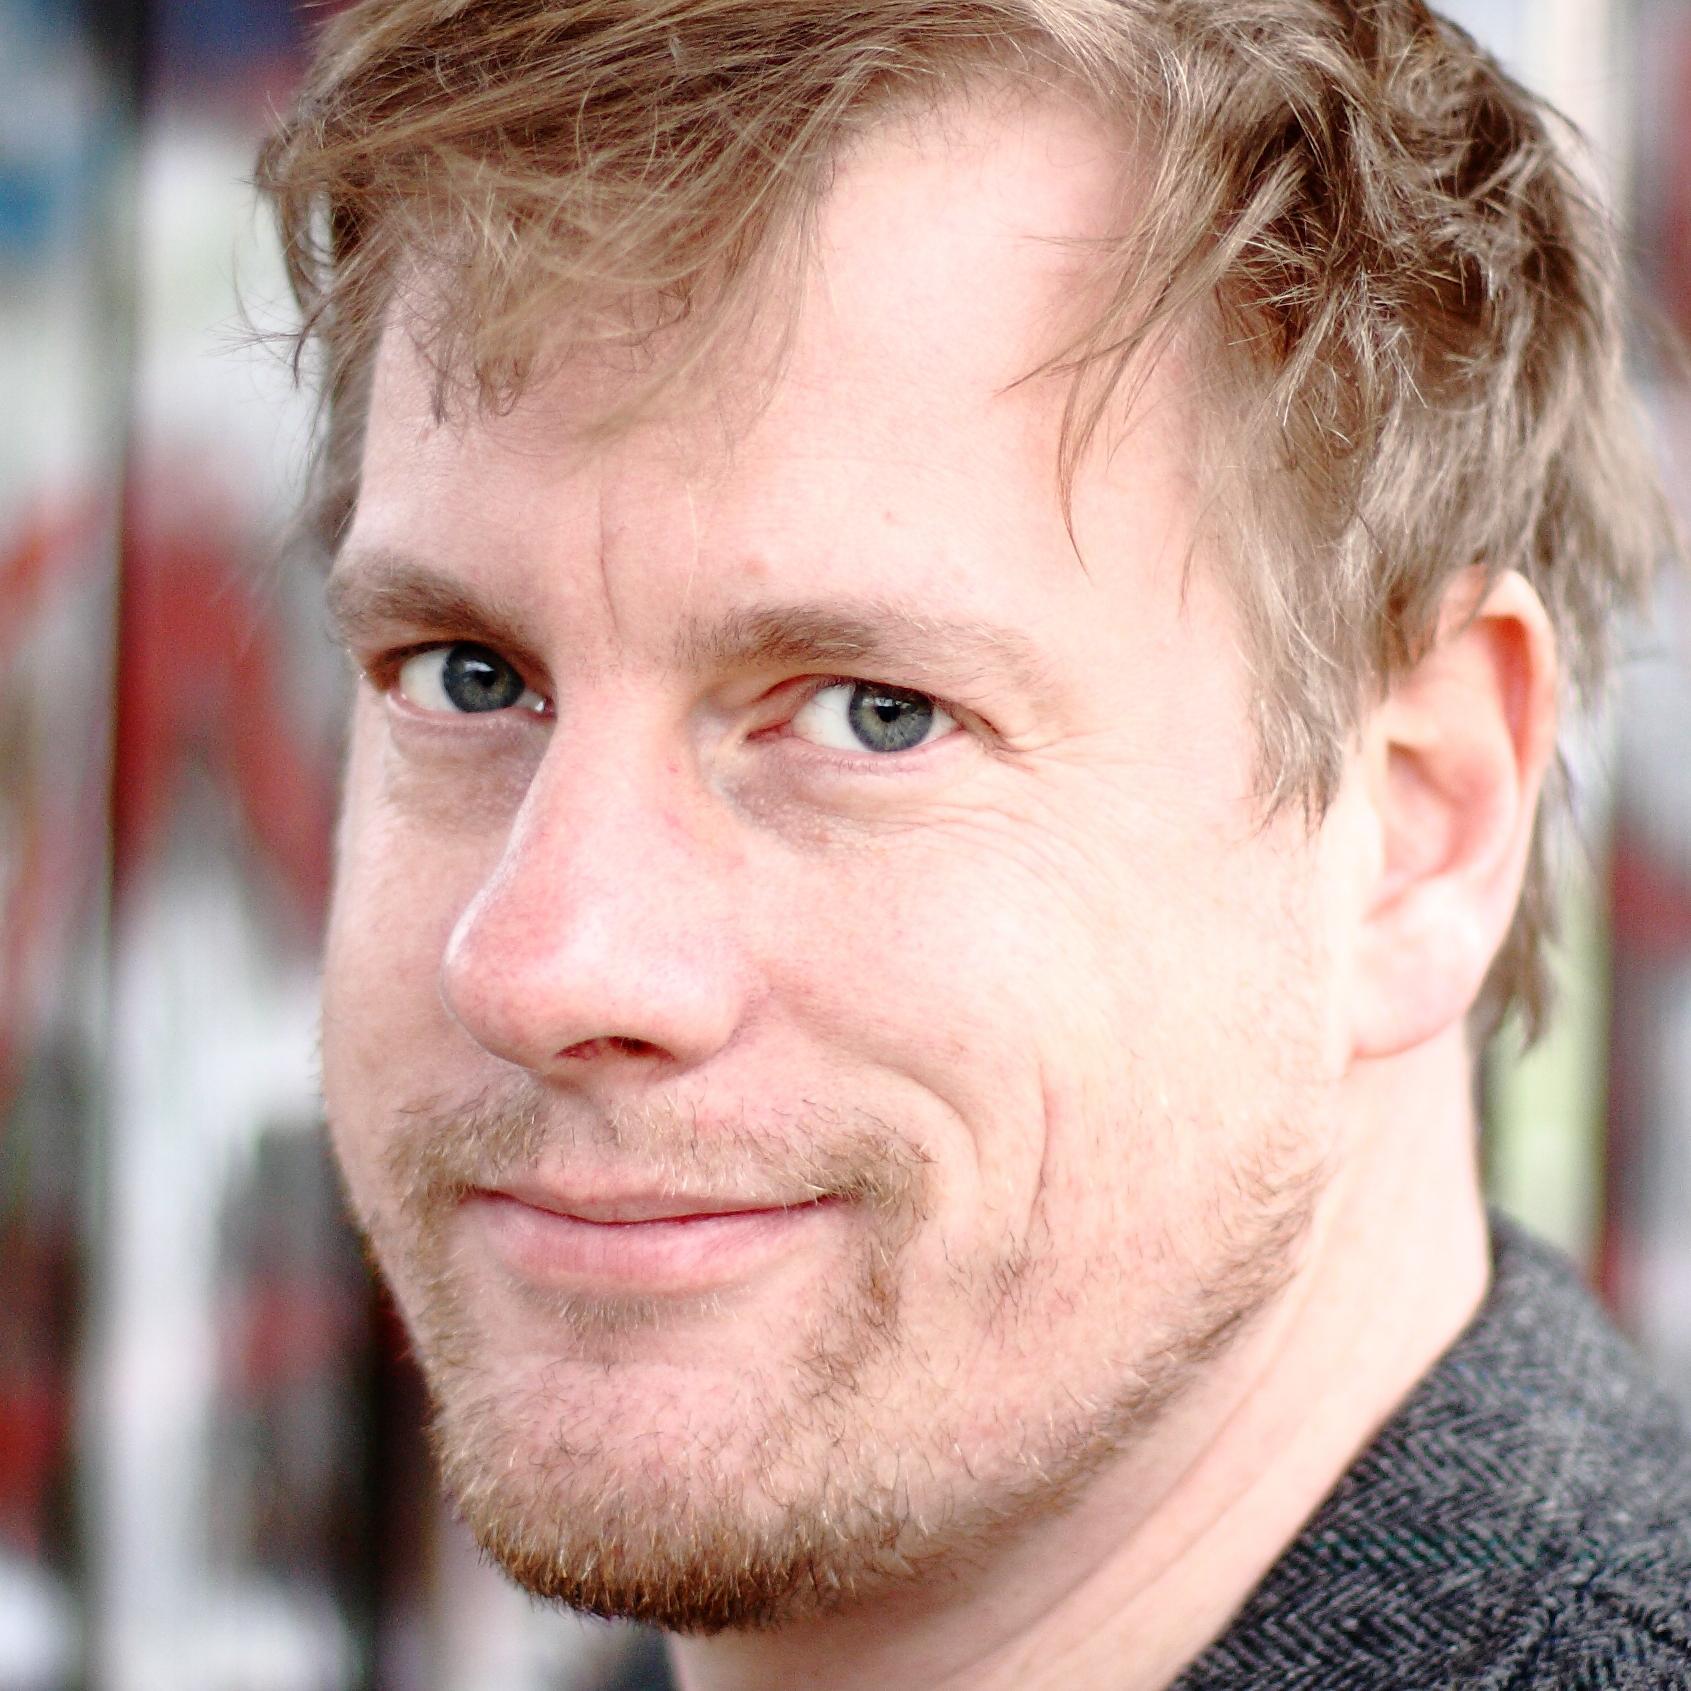 Michael Zametzer